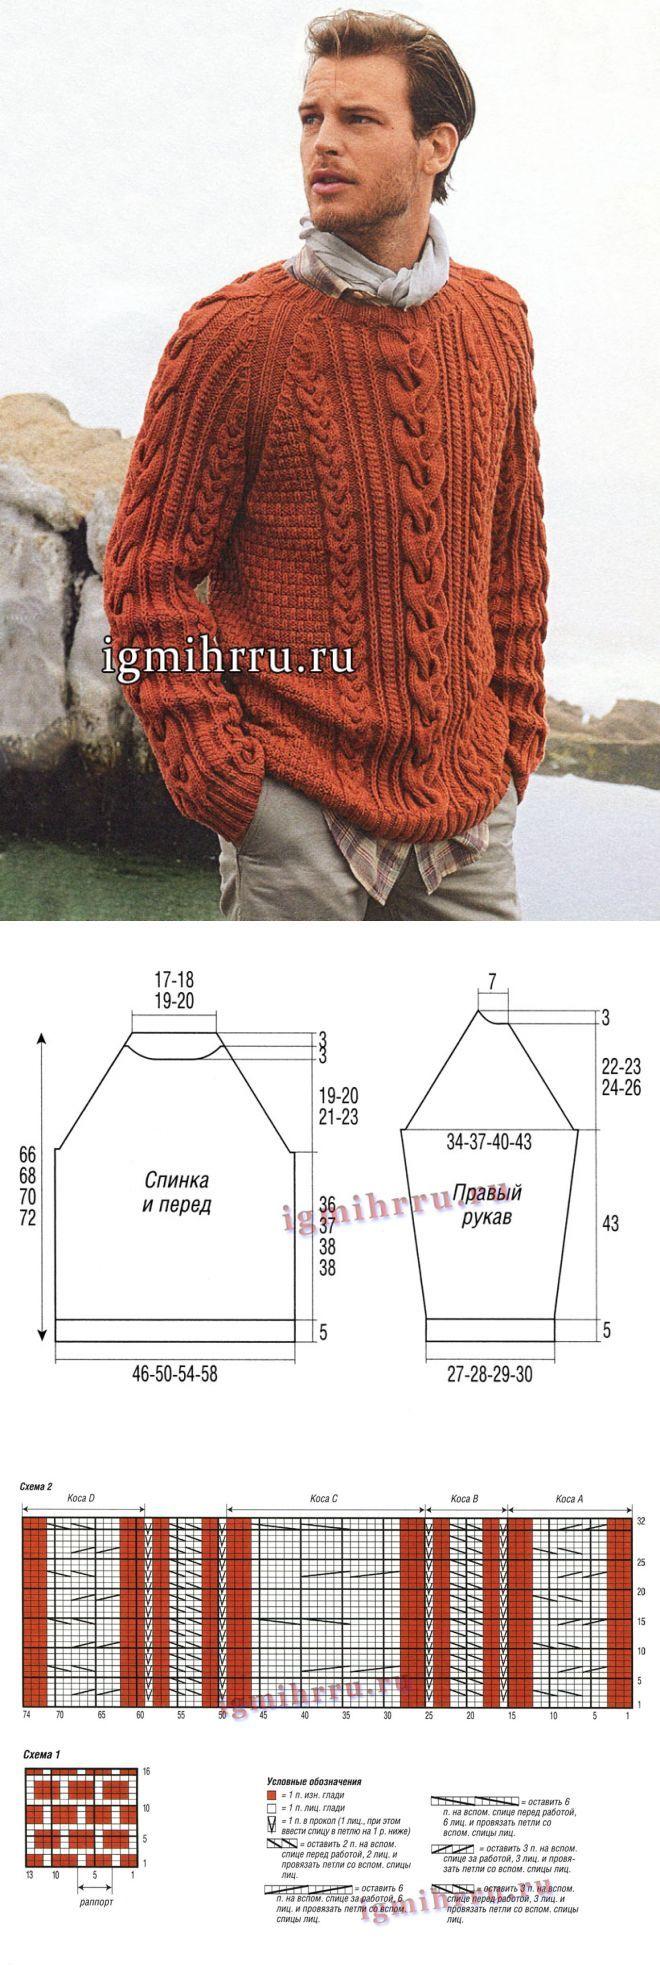 Мужские пуловеры и свитера спицами схемы 34